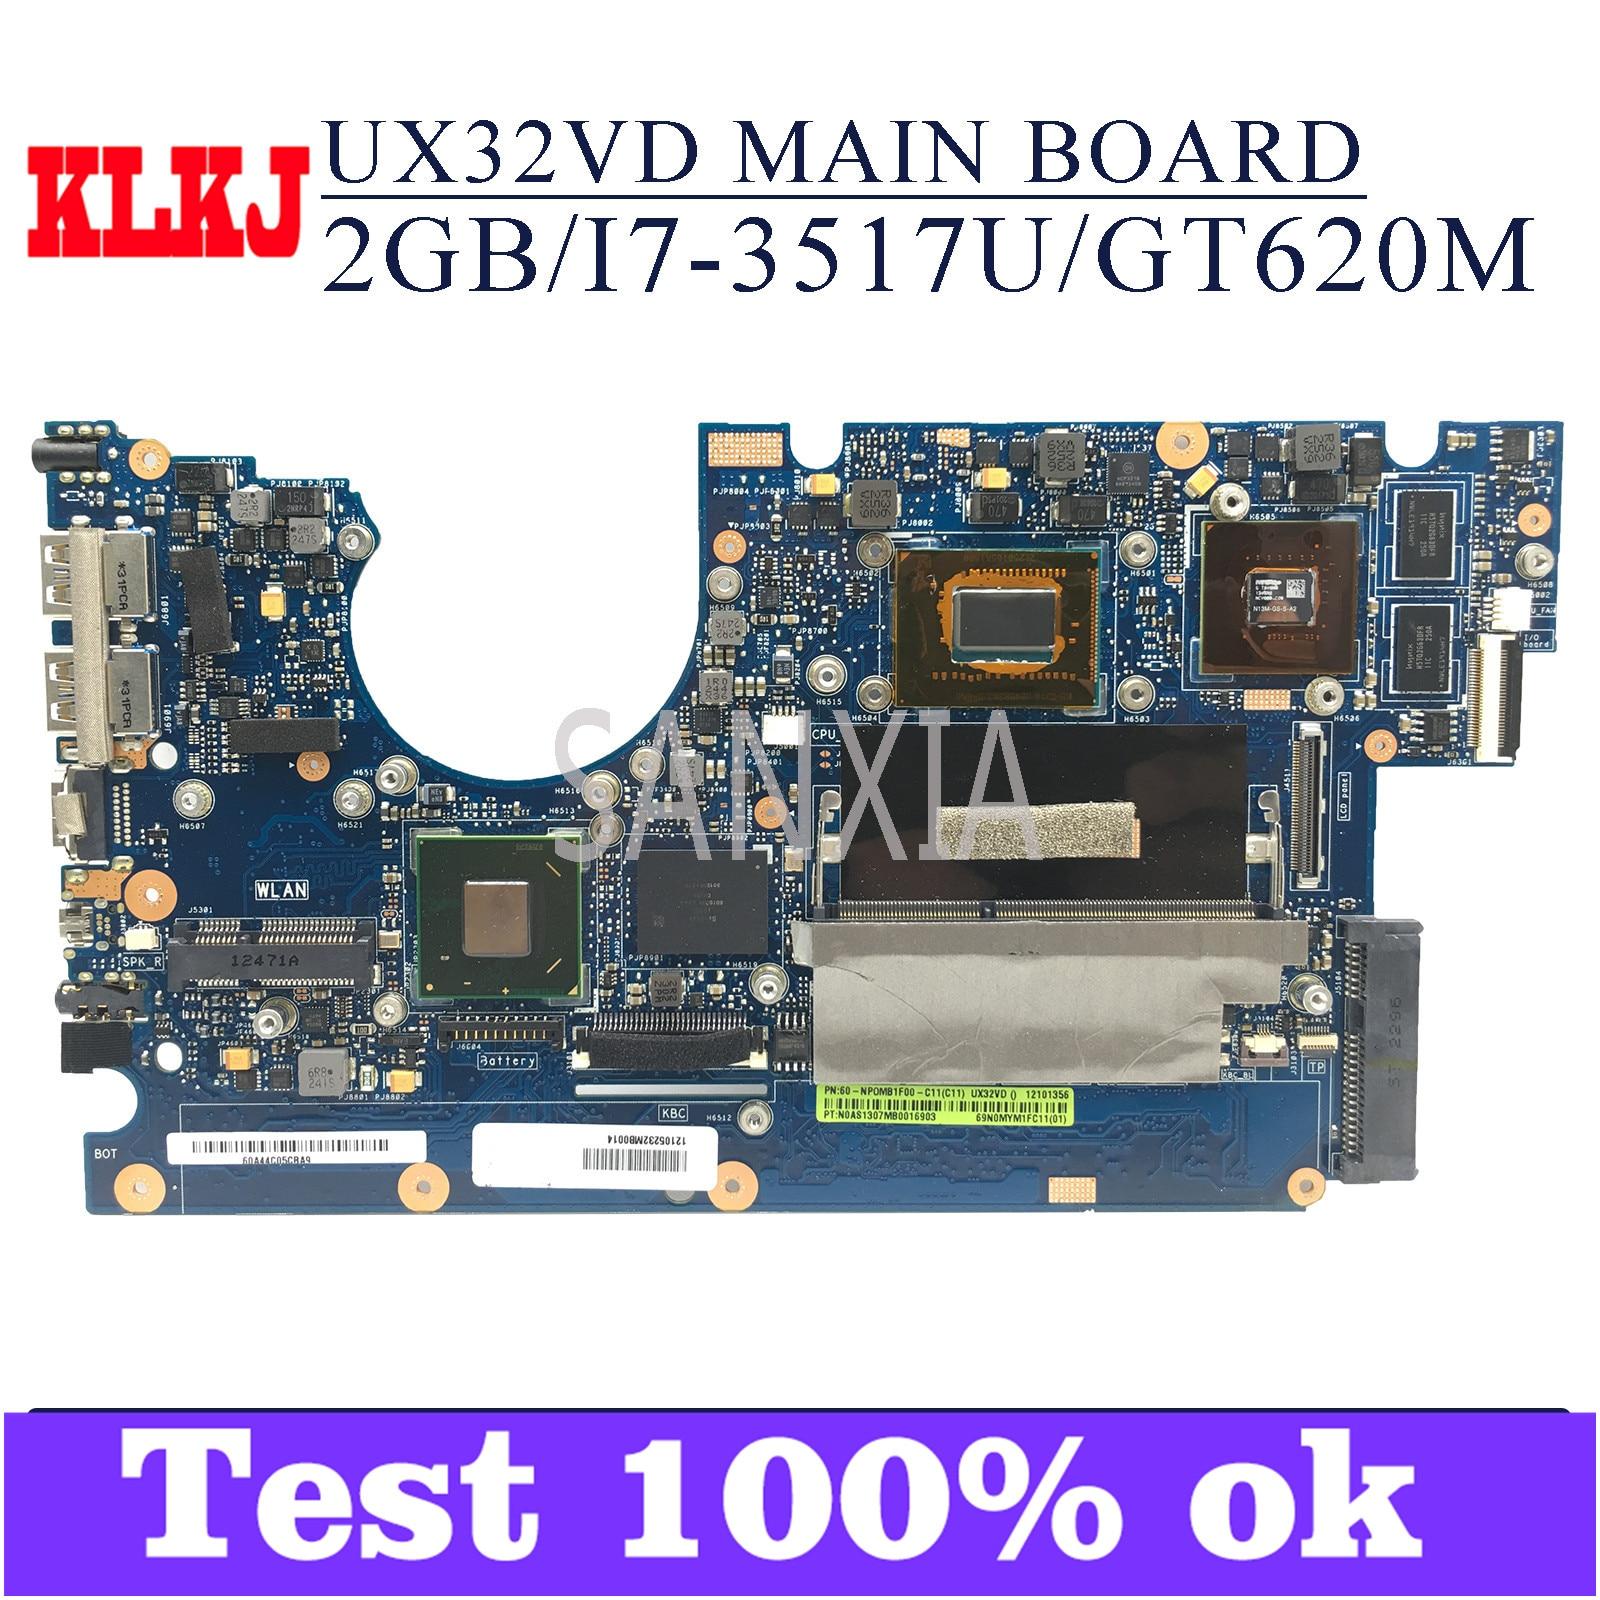 KLKJ UX32VD اللوحة الأم لأجهزة الكمبيوتر المحمول ASUS UX32VD اللوحة الرئيسية الأصلية 2GB-RAM I7-3517U GT620M